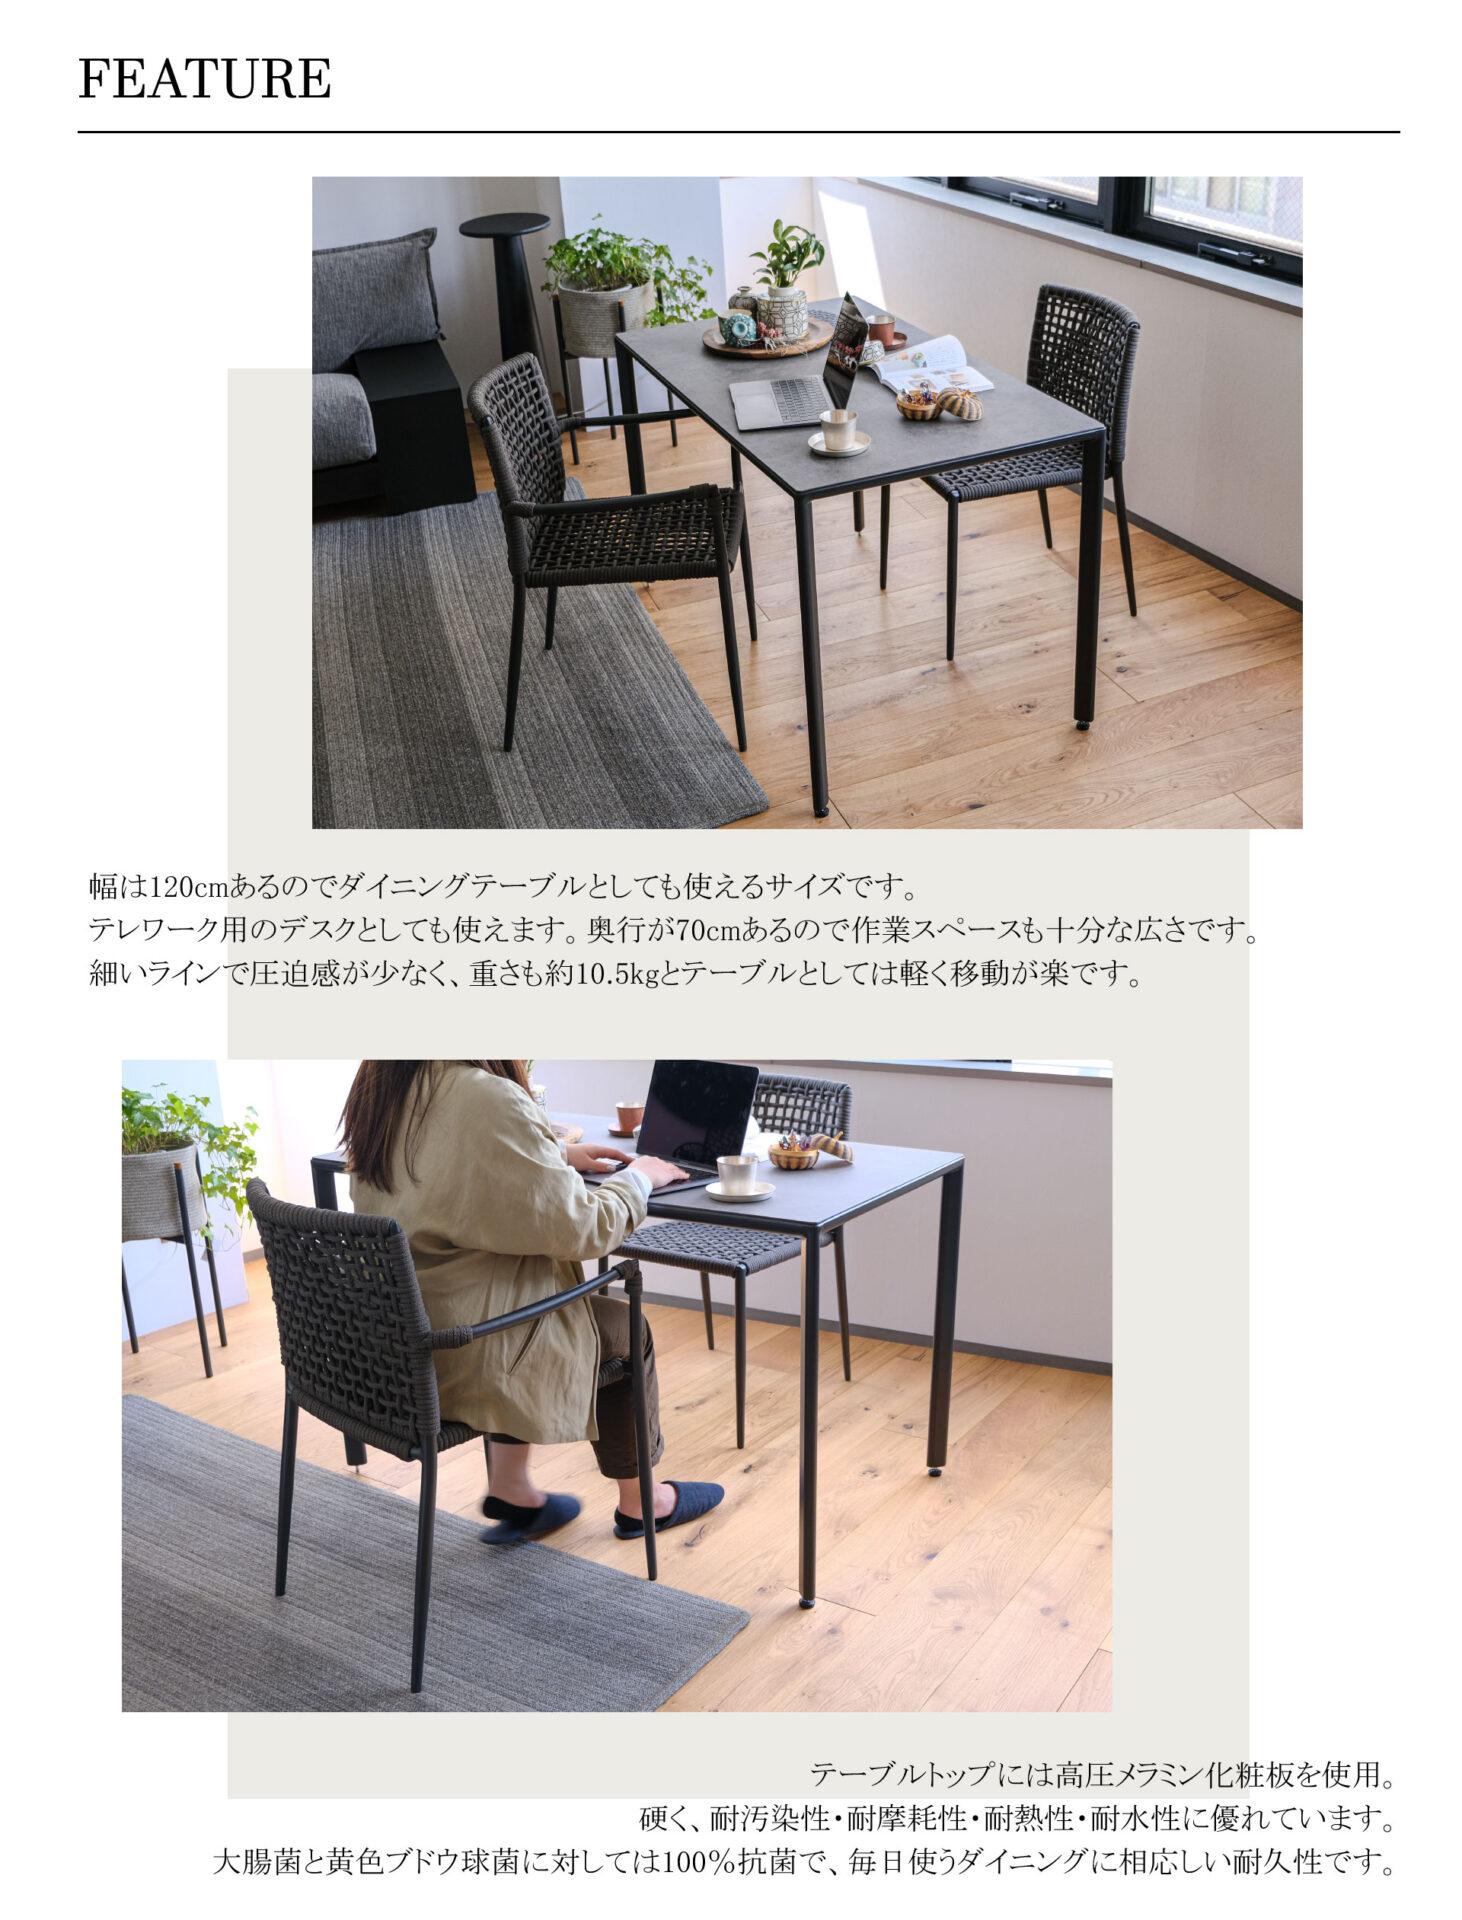 幅は120cmあるのでダイニングテーブルとしても使えるサイズです。テレワーク用のデスクとしても使えます。奥行が70cmあるので作業スペースも十分な広さです。細いラインで圧迫感が少なく、重さも約10.5kgとテーブルとしては軽く移動が楽です。